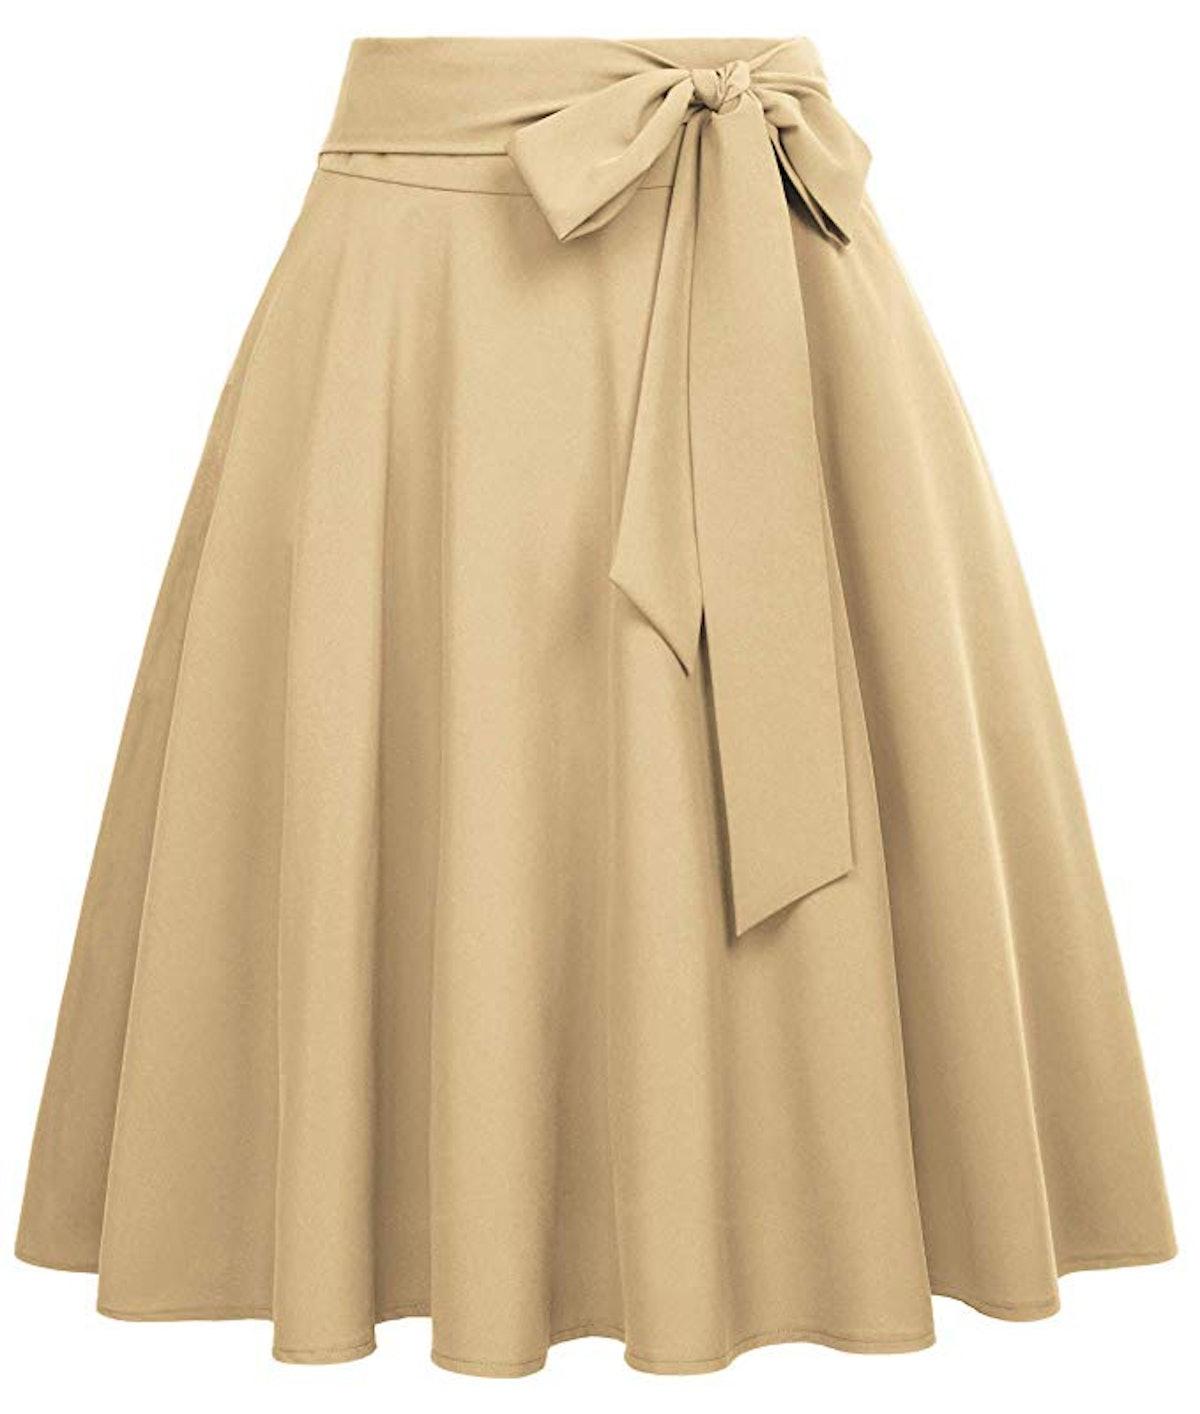 Belle Poque Women's High Waist Skirt